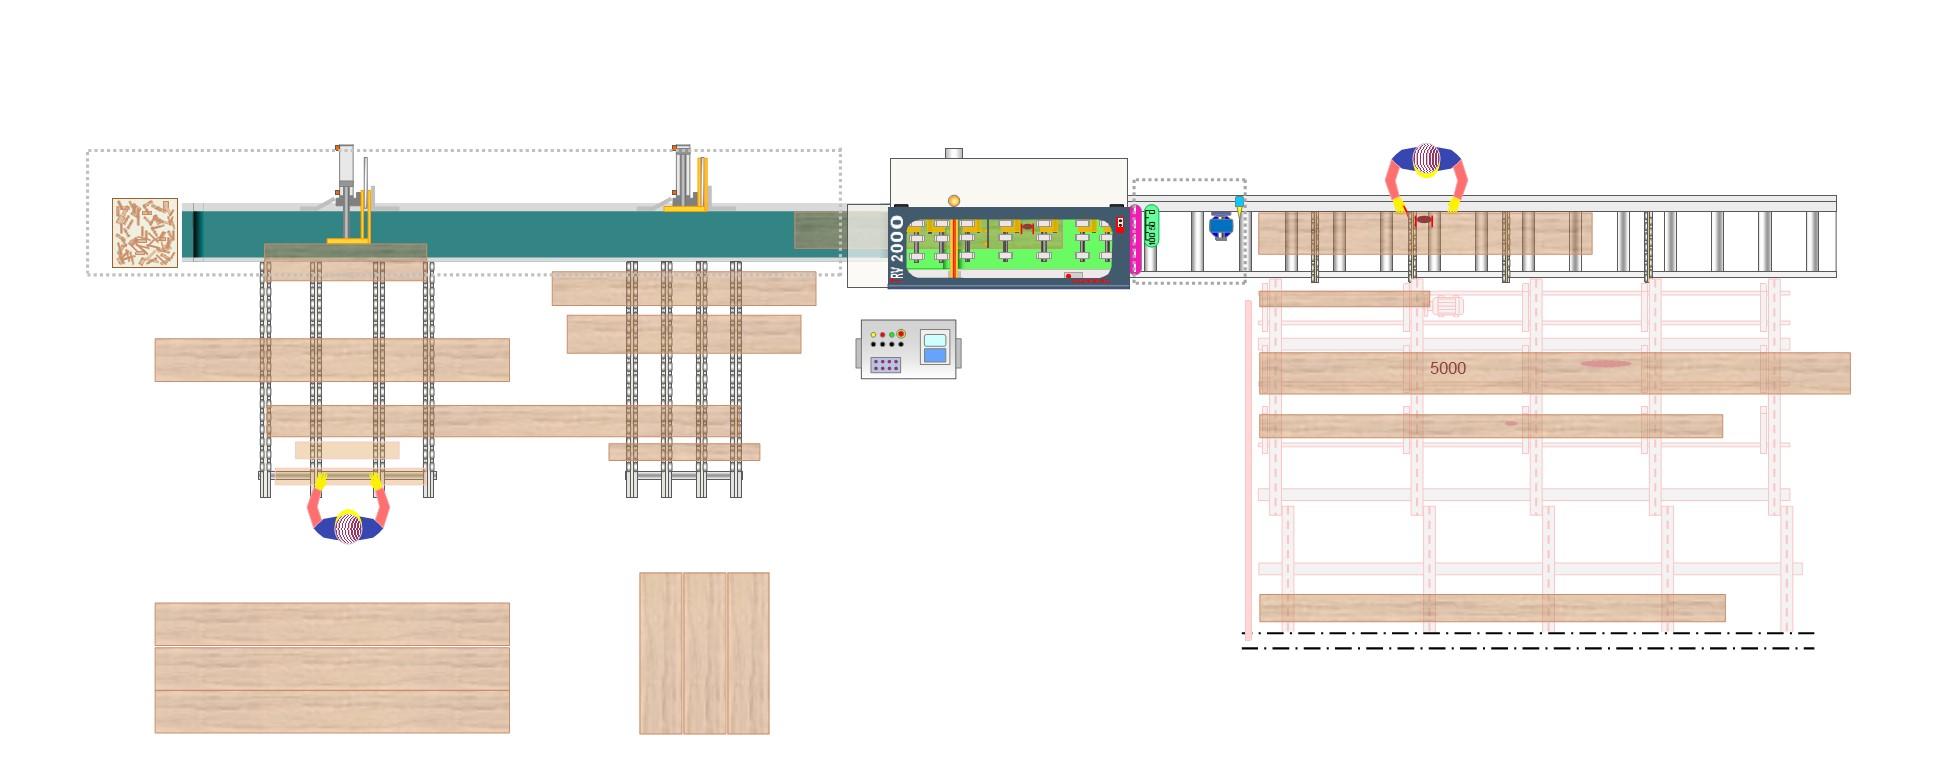 TRV 2000 - Concept 02